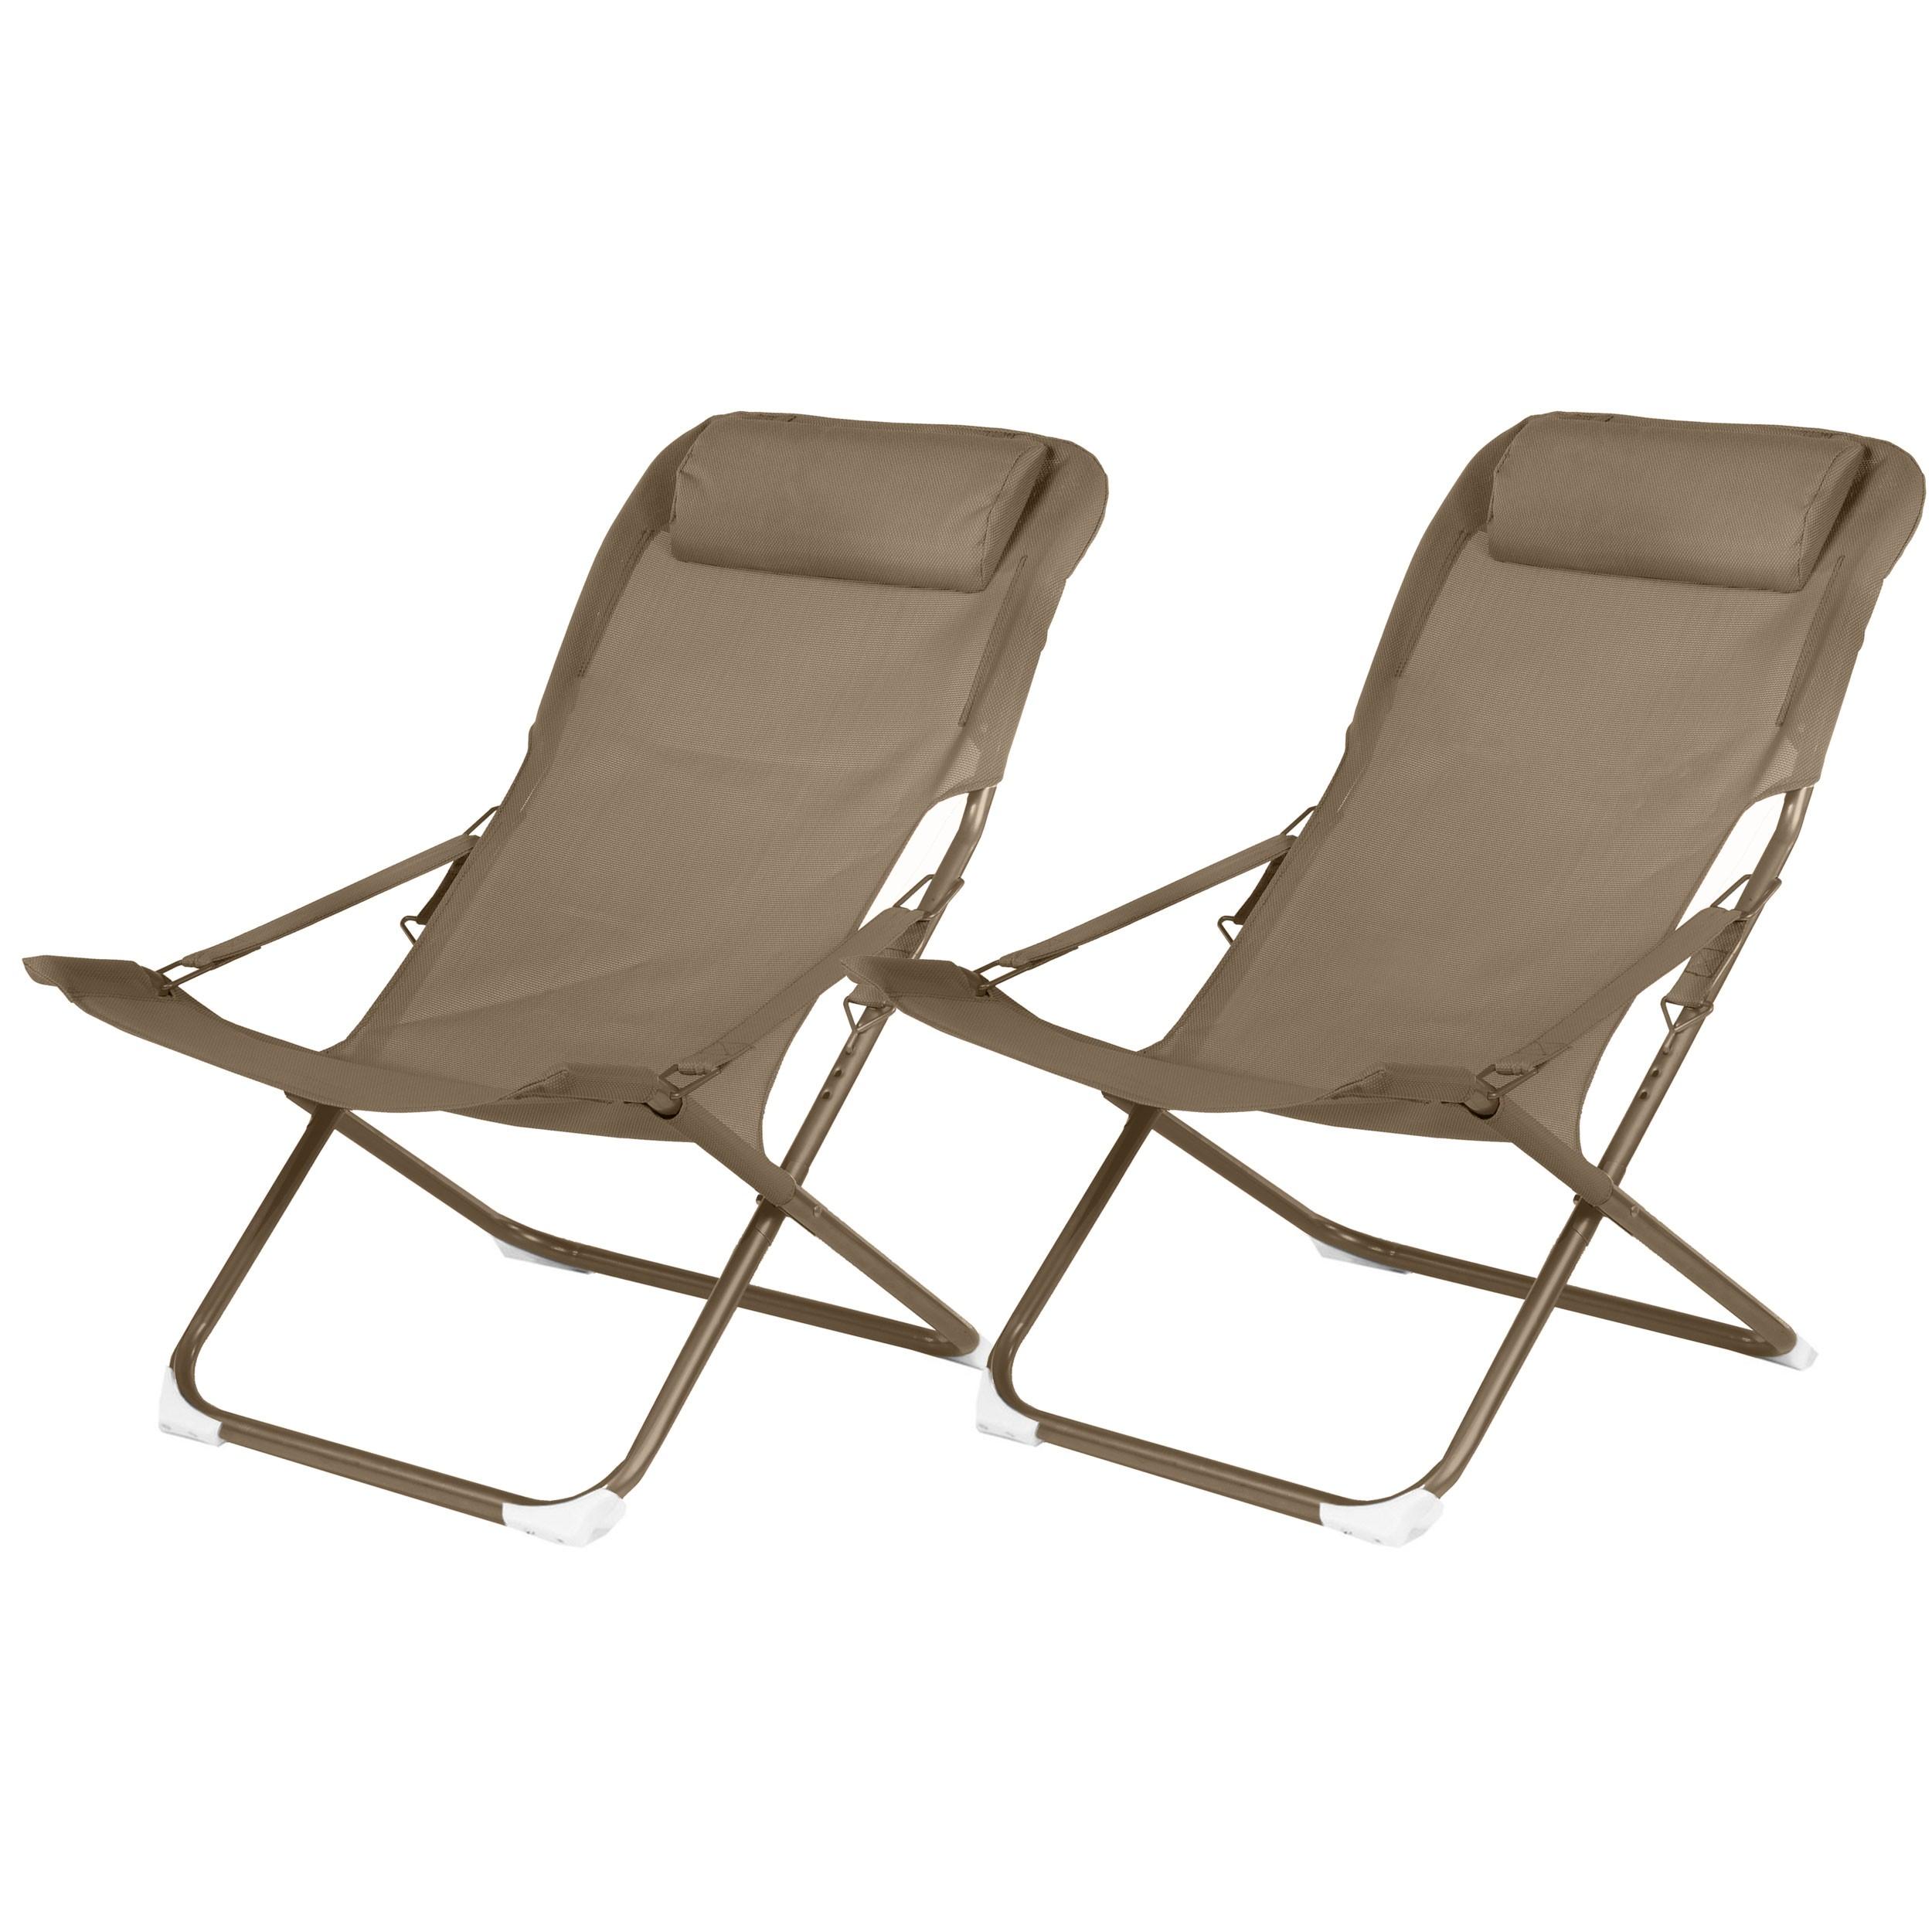 La Chaise Longue Billard chaise longue talanga café (lot de 2)